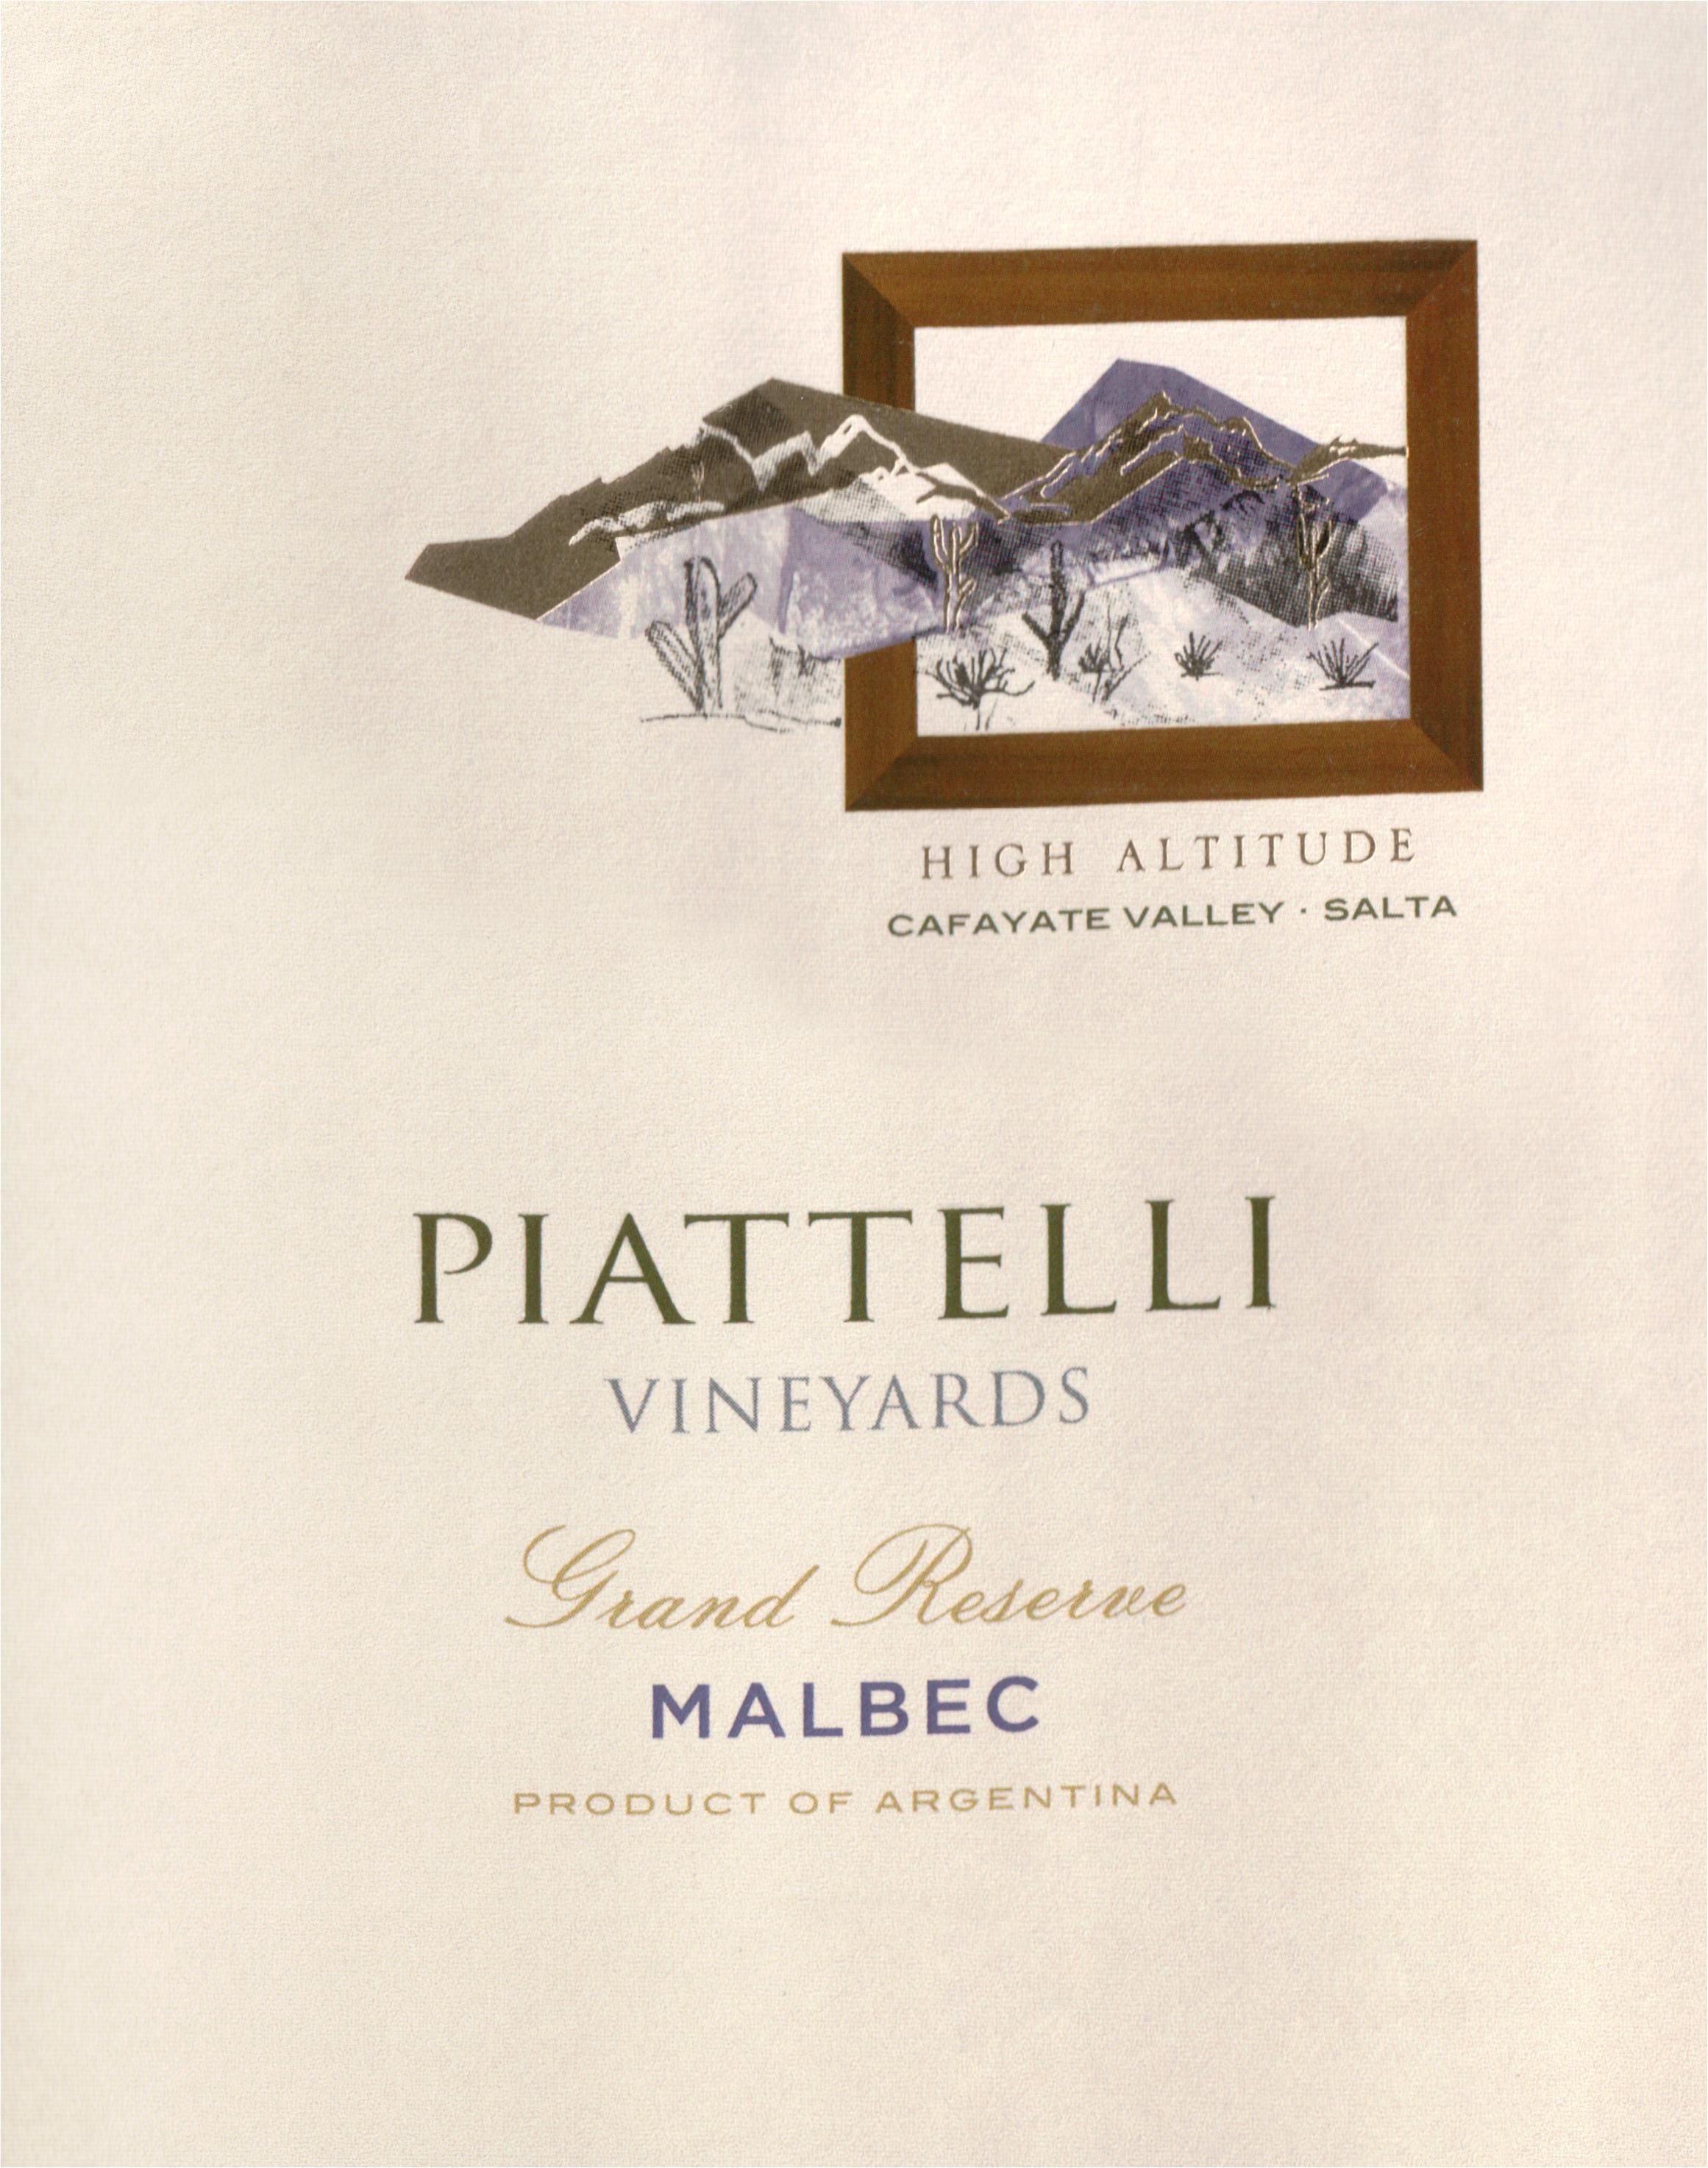 Piattelli Cafayate Grand Reserve Malbec 2017